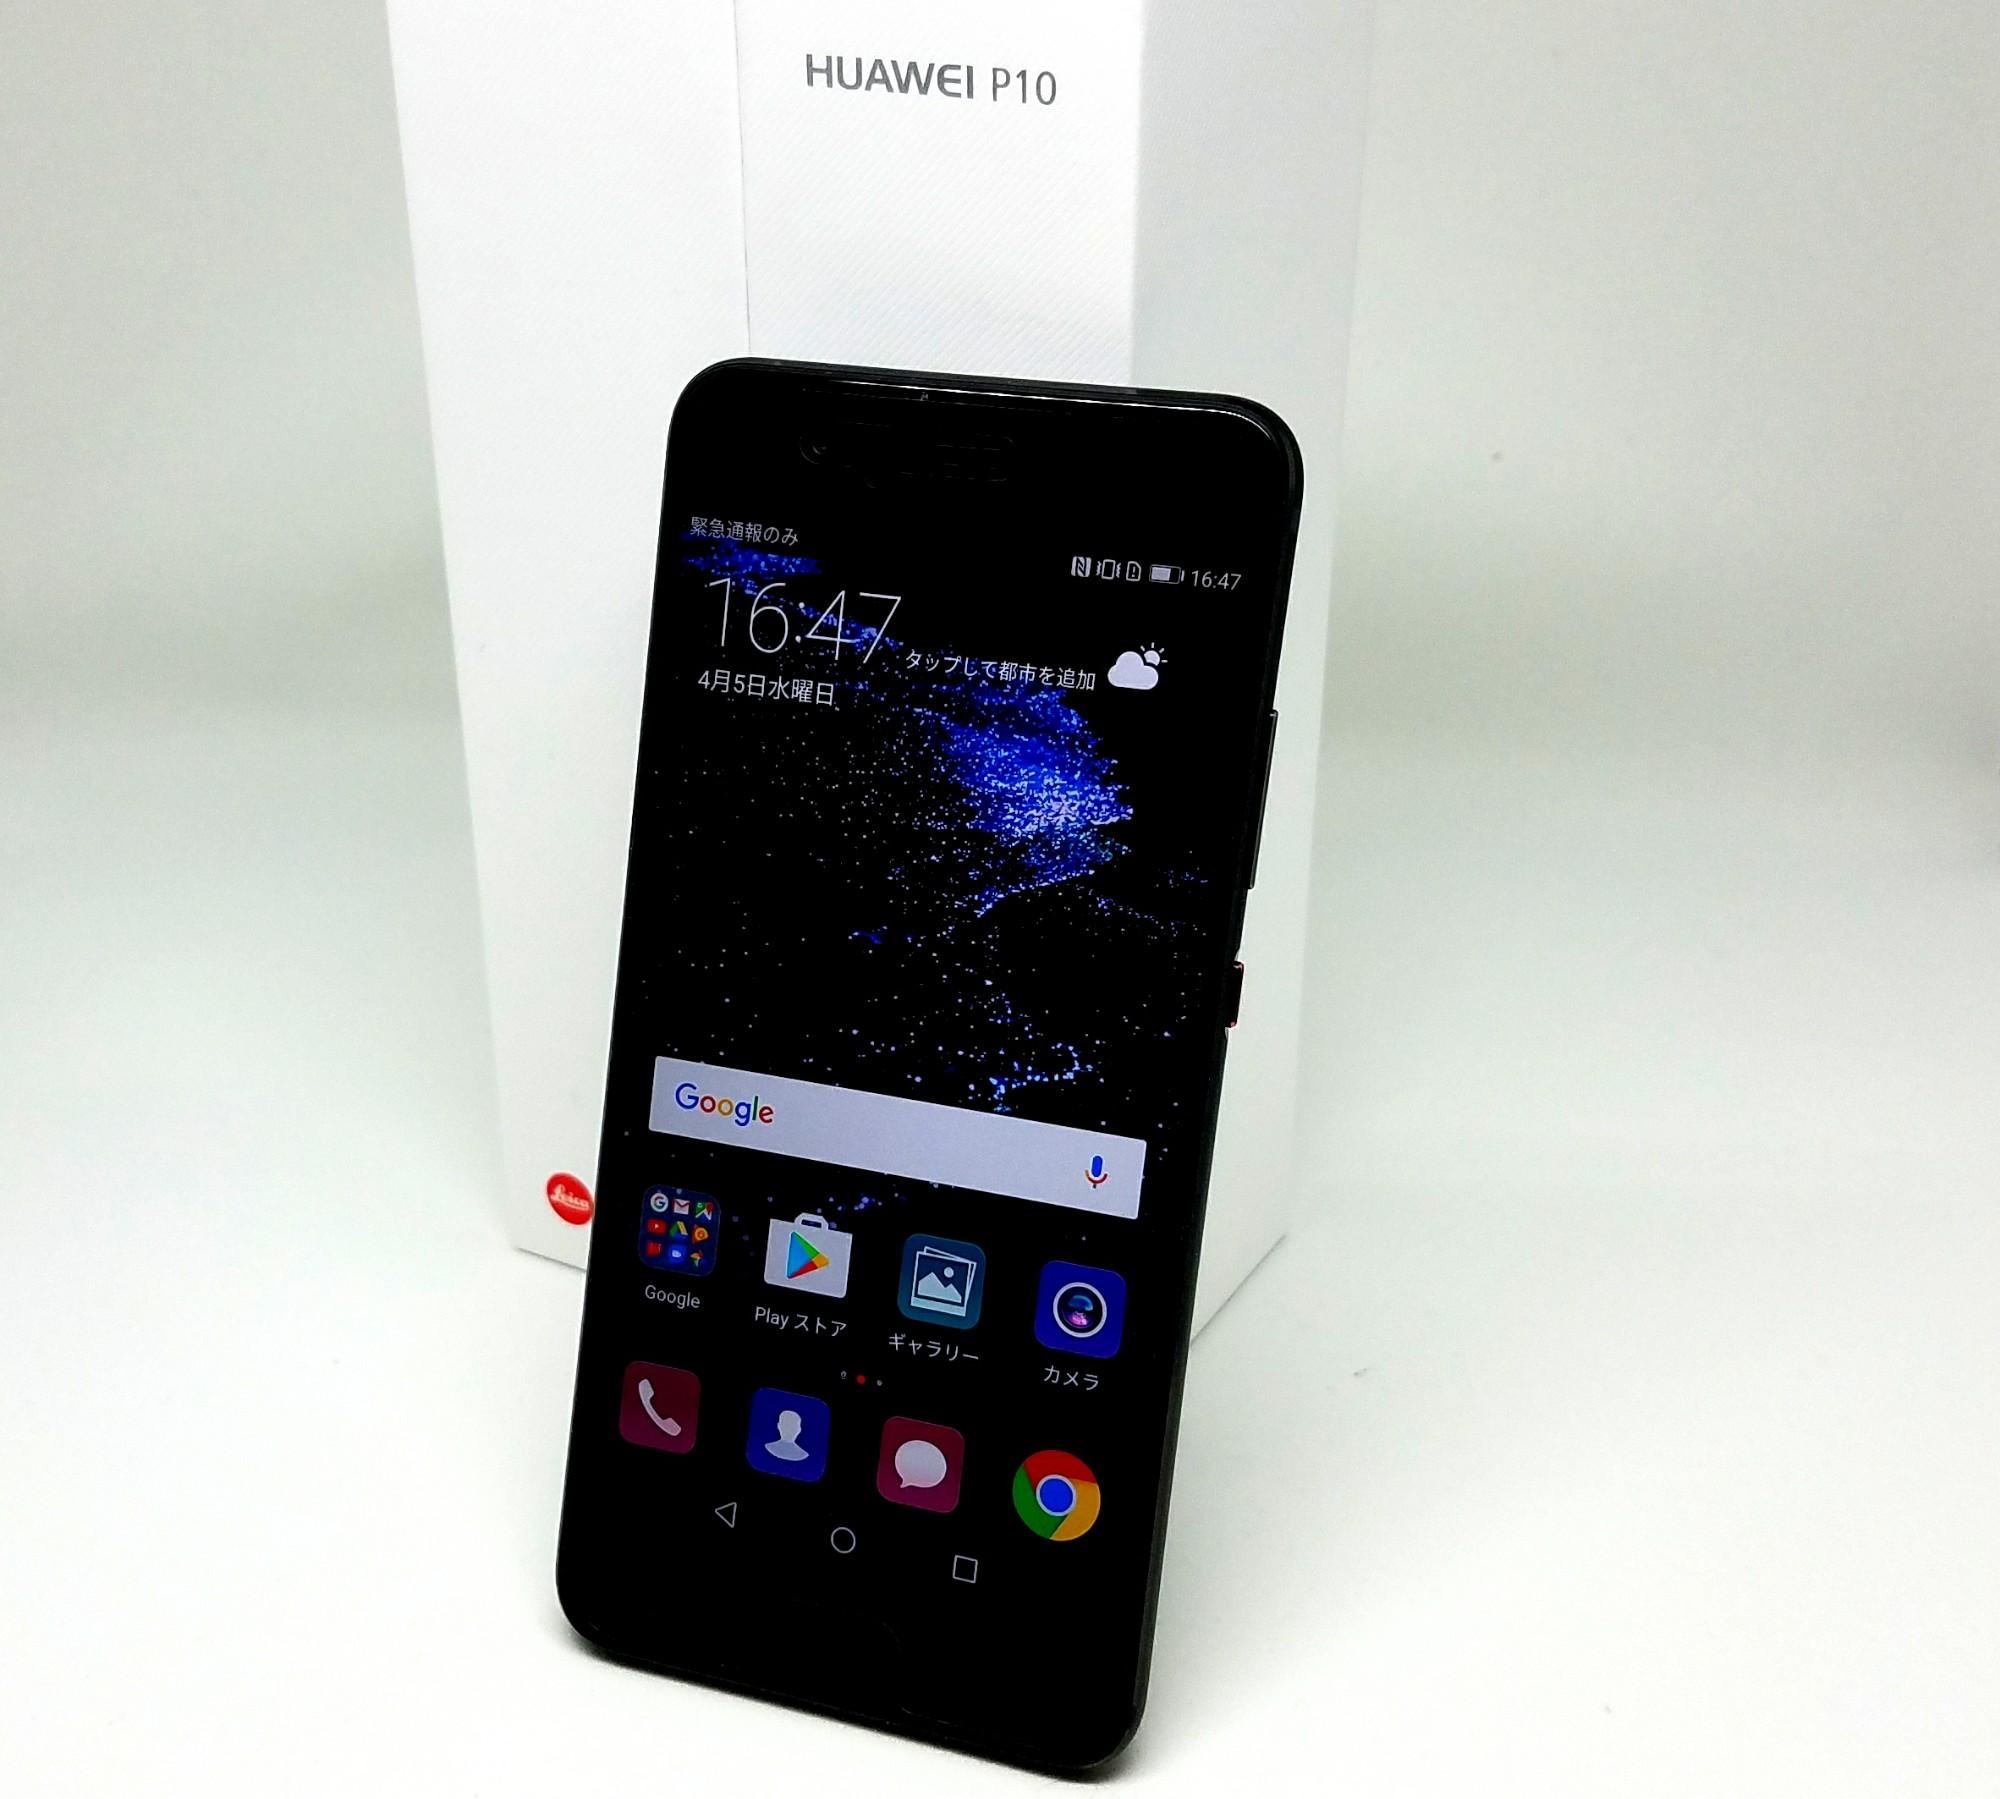 【メモリ問題】Huawei P10シリーズ、同じモデルであってもメモリ処理速度の違う個体が複数存在?旧世代eMMC 5.1規格も存在か